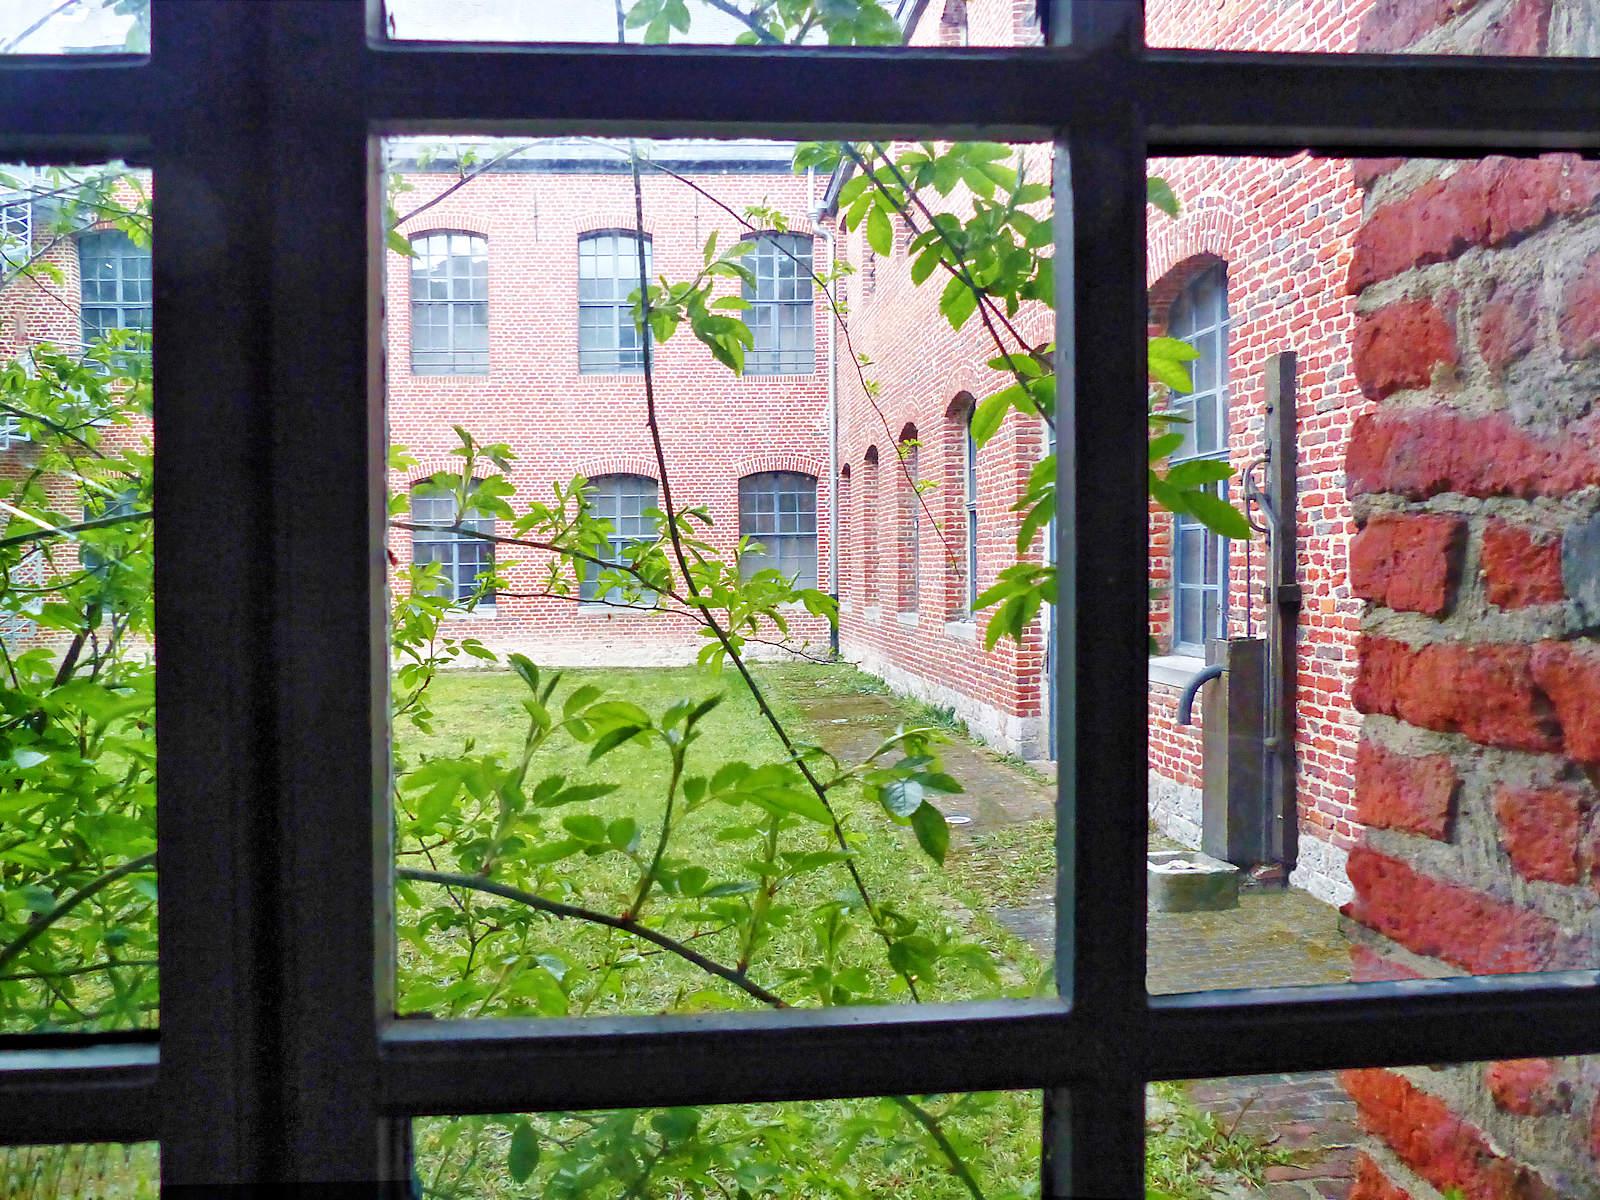 La patio au travers de la fenêtre